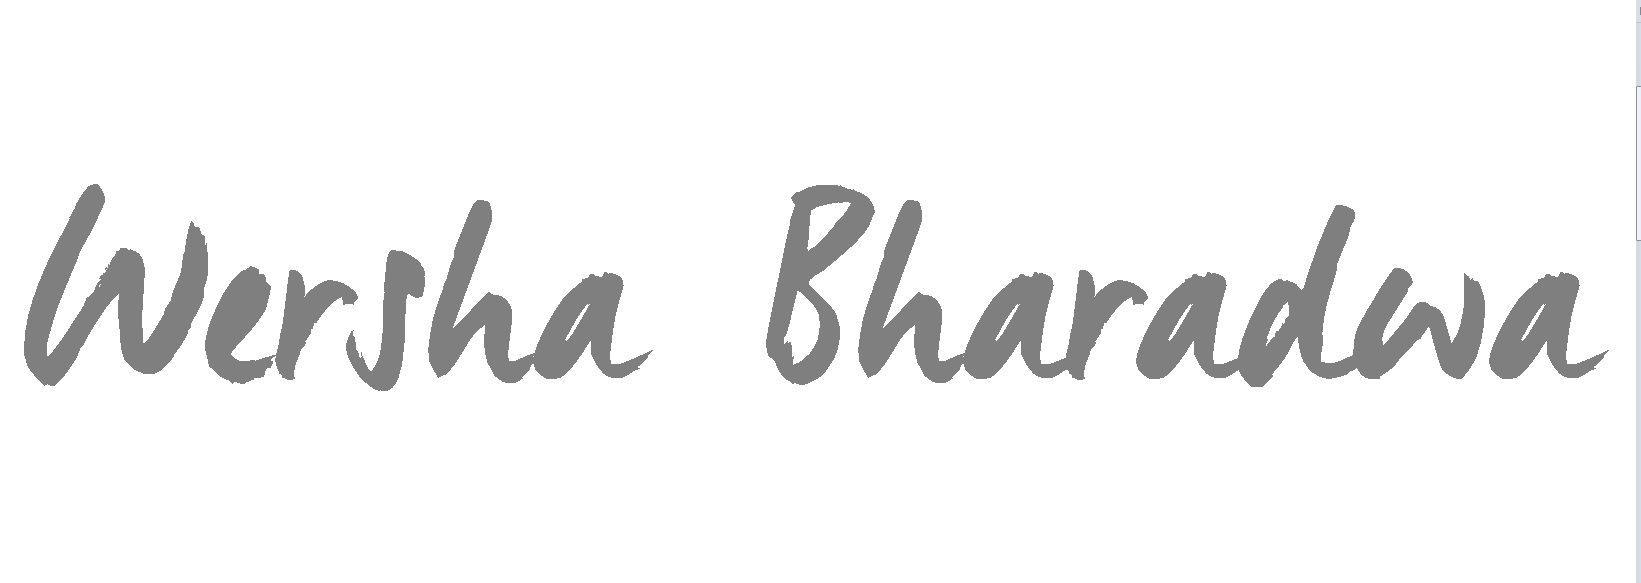 WERSHA BHARADWA